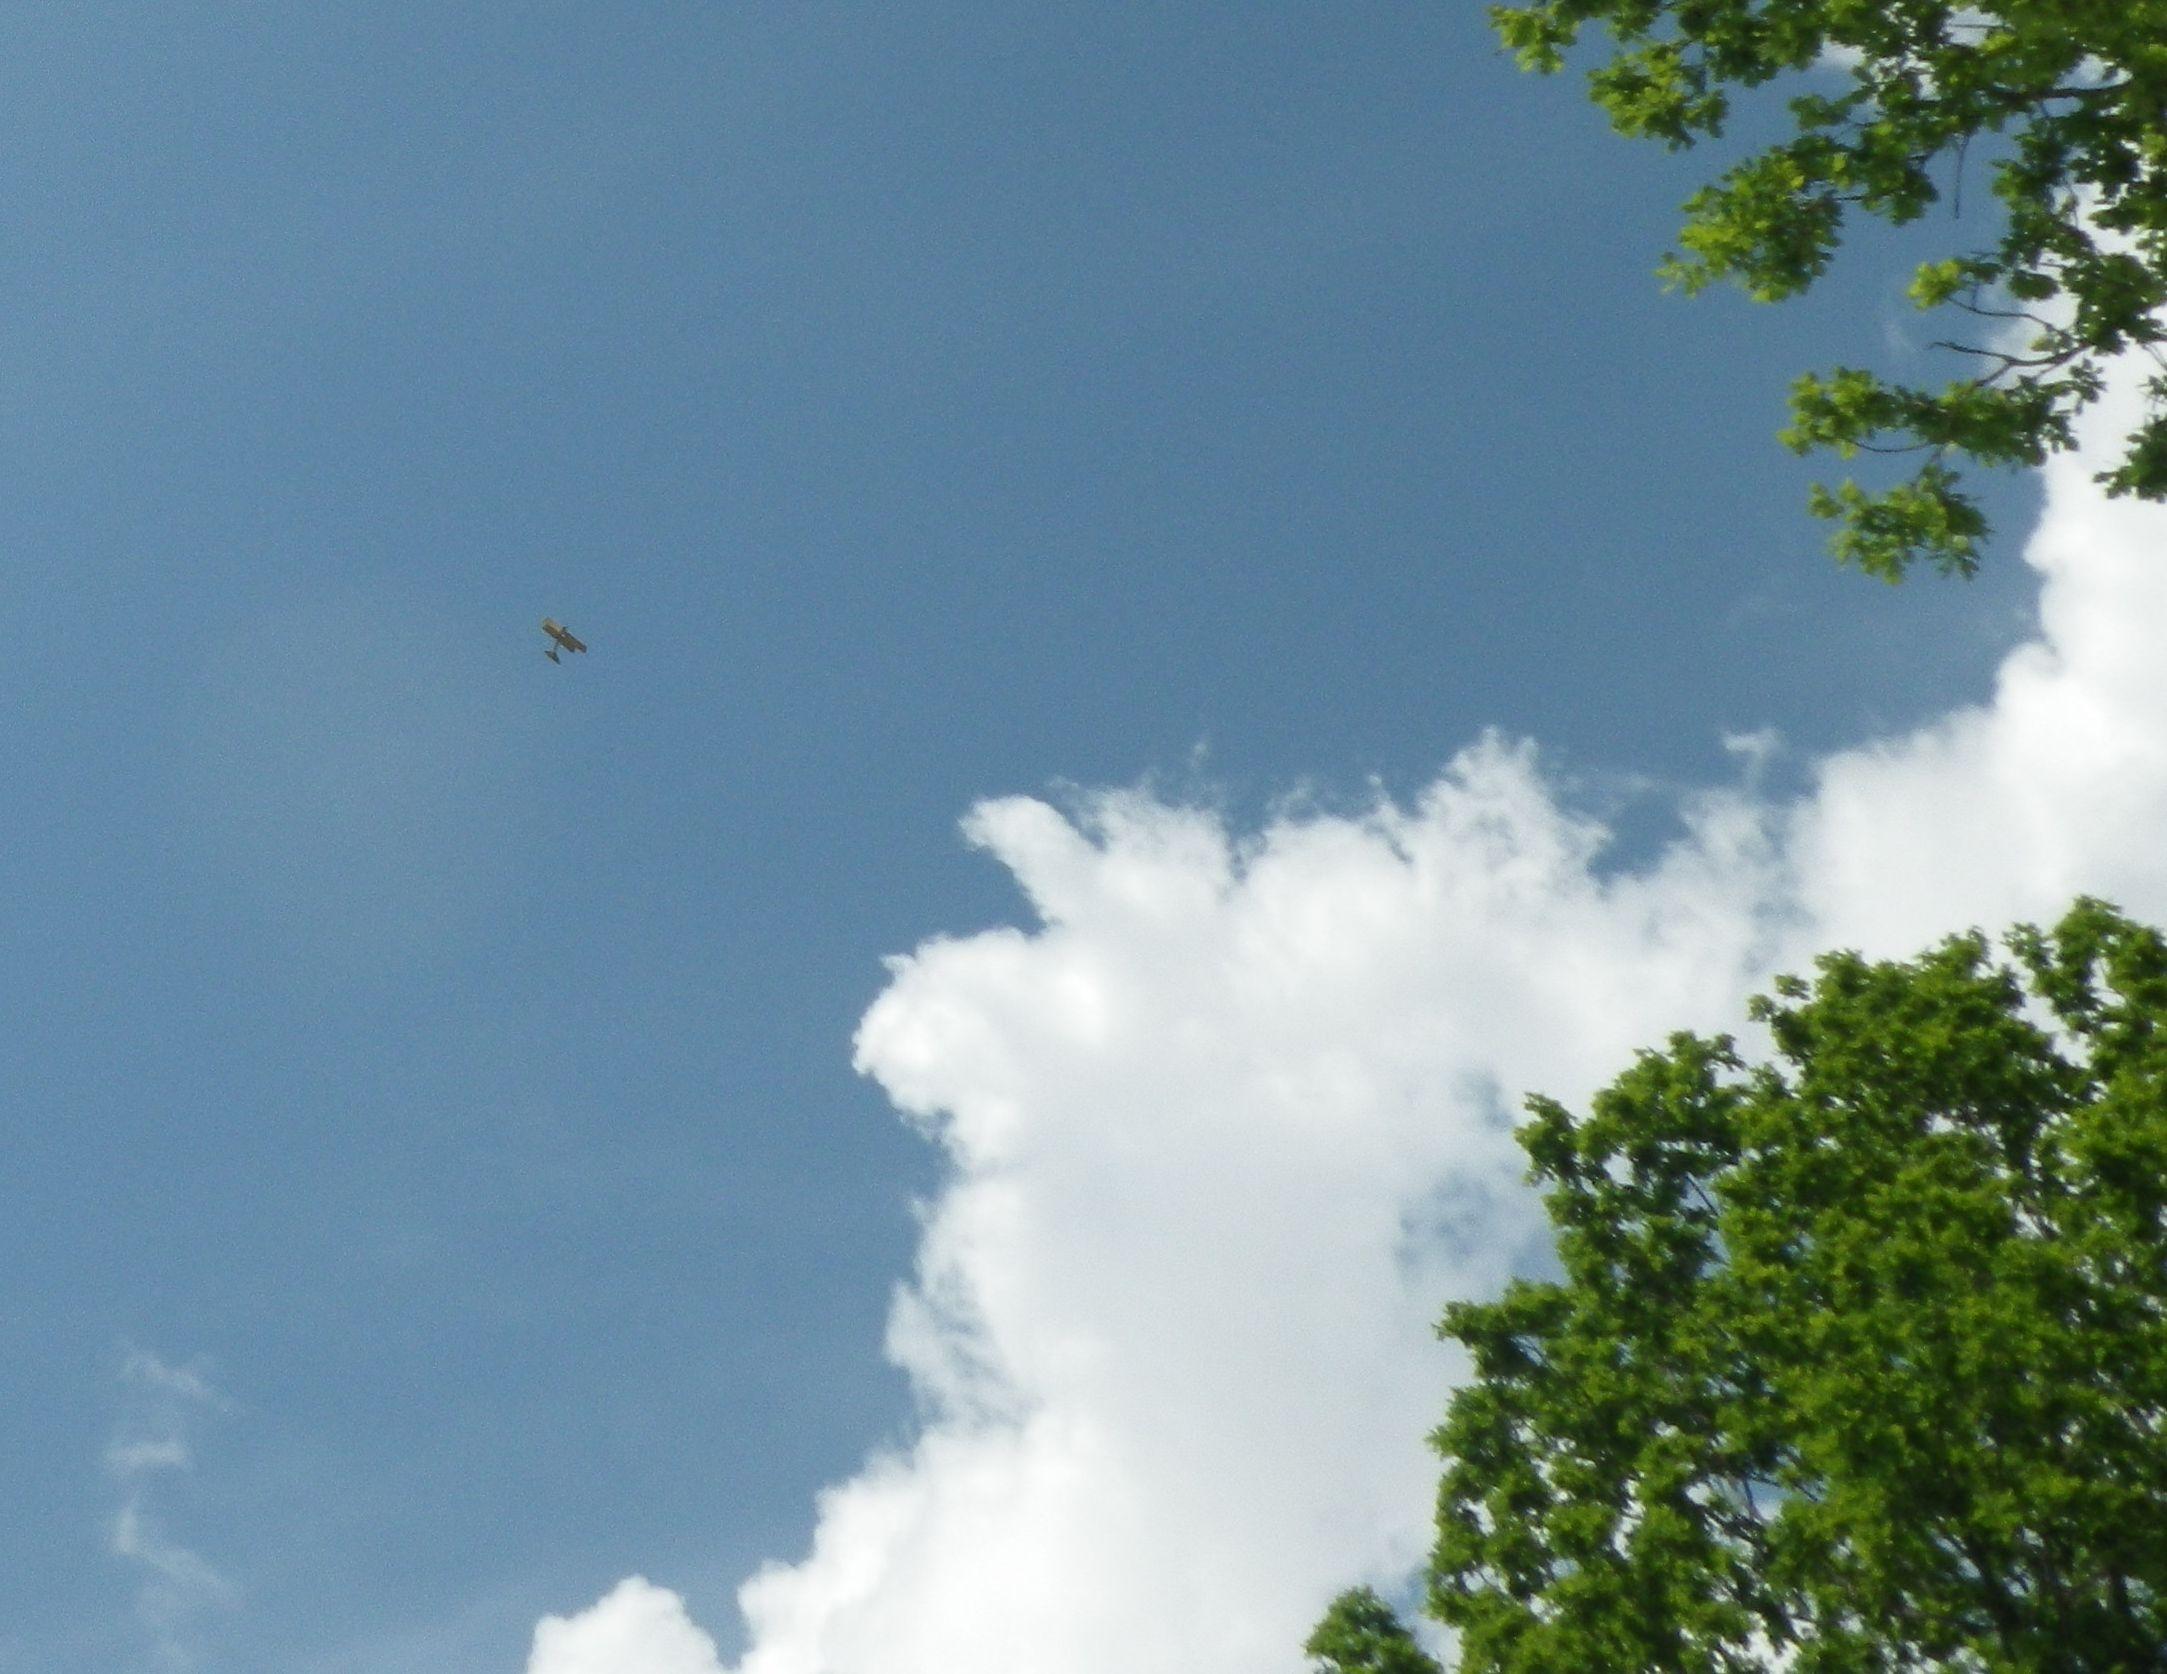 Små så de knappt syns i luften, men de hörs och har man tur får man se dem bland trädtopparna!